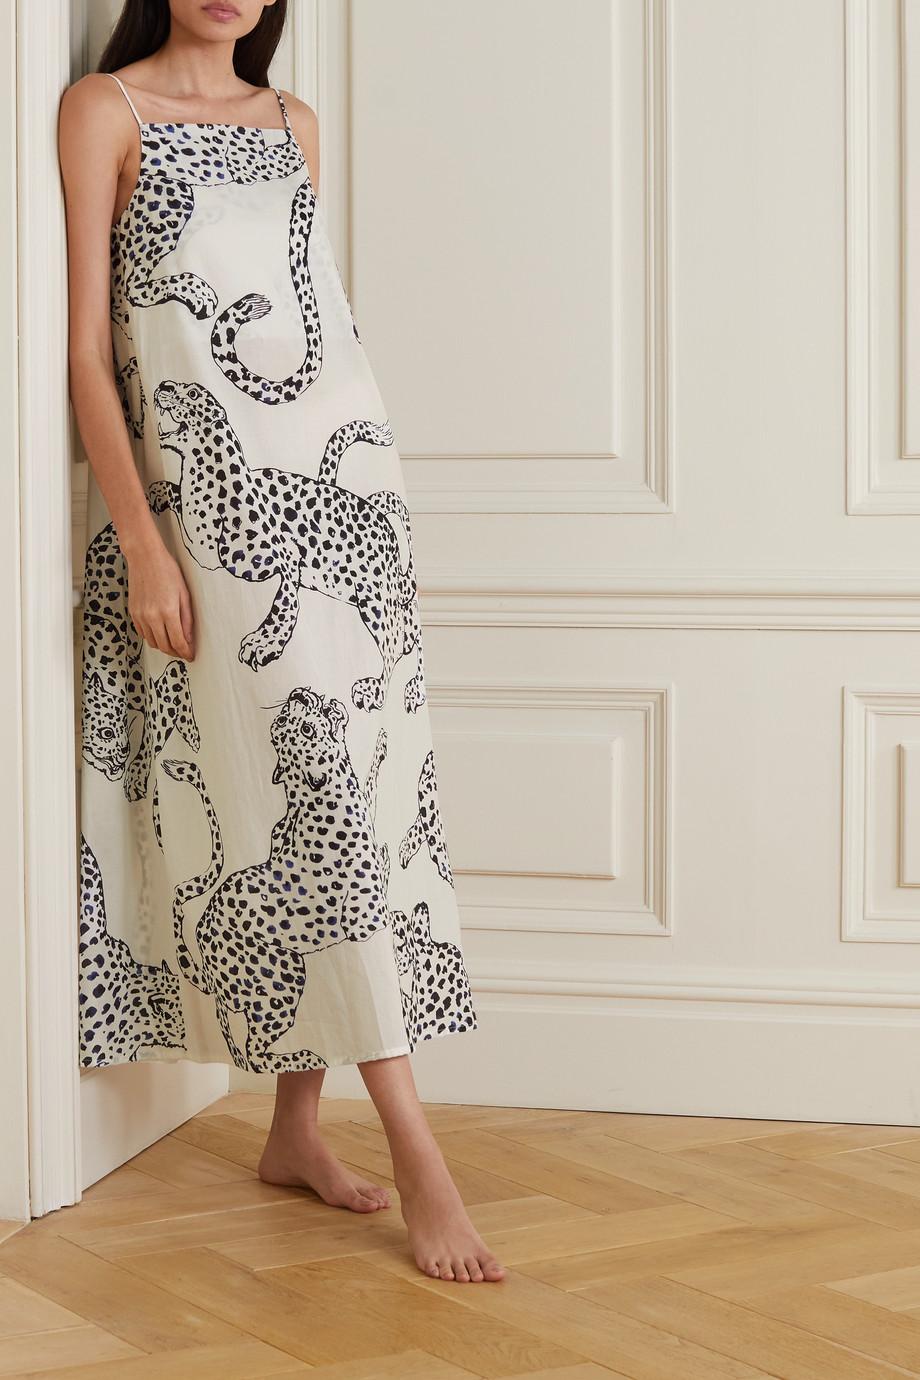 Desmond & Dempsey Printed cotton-voile nightdress